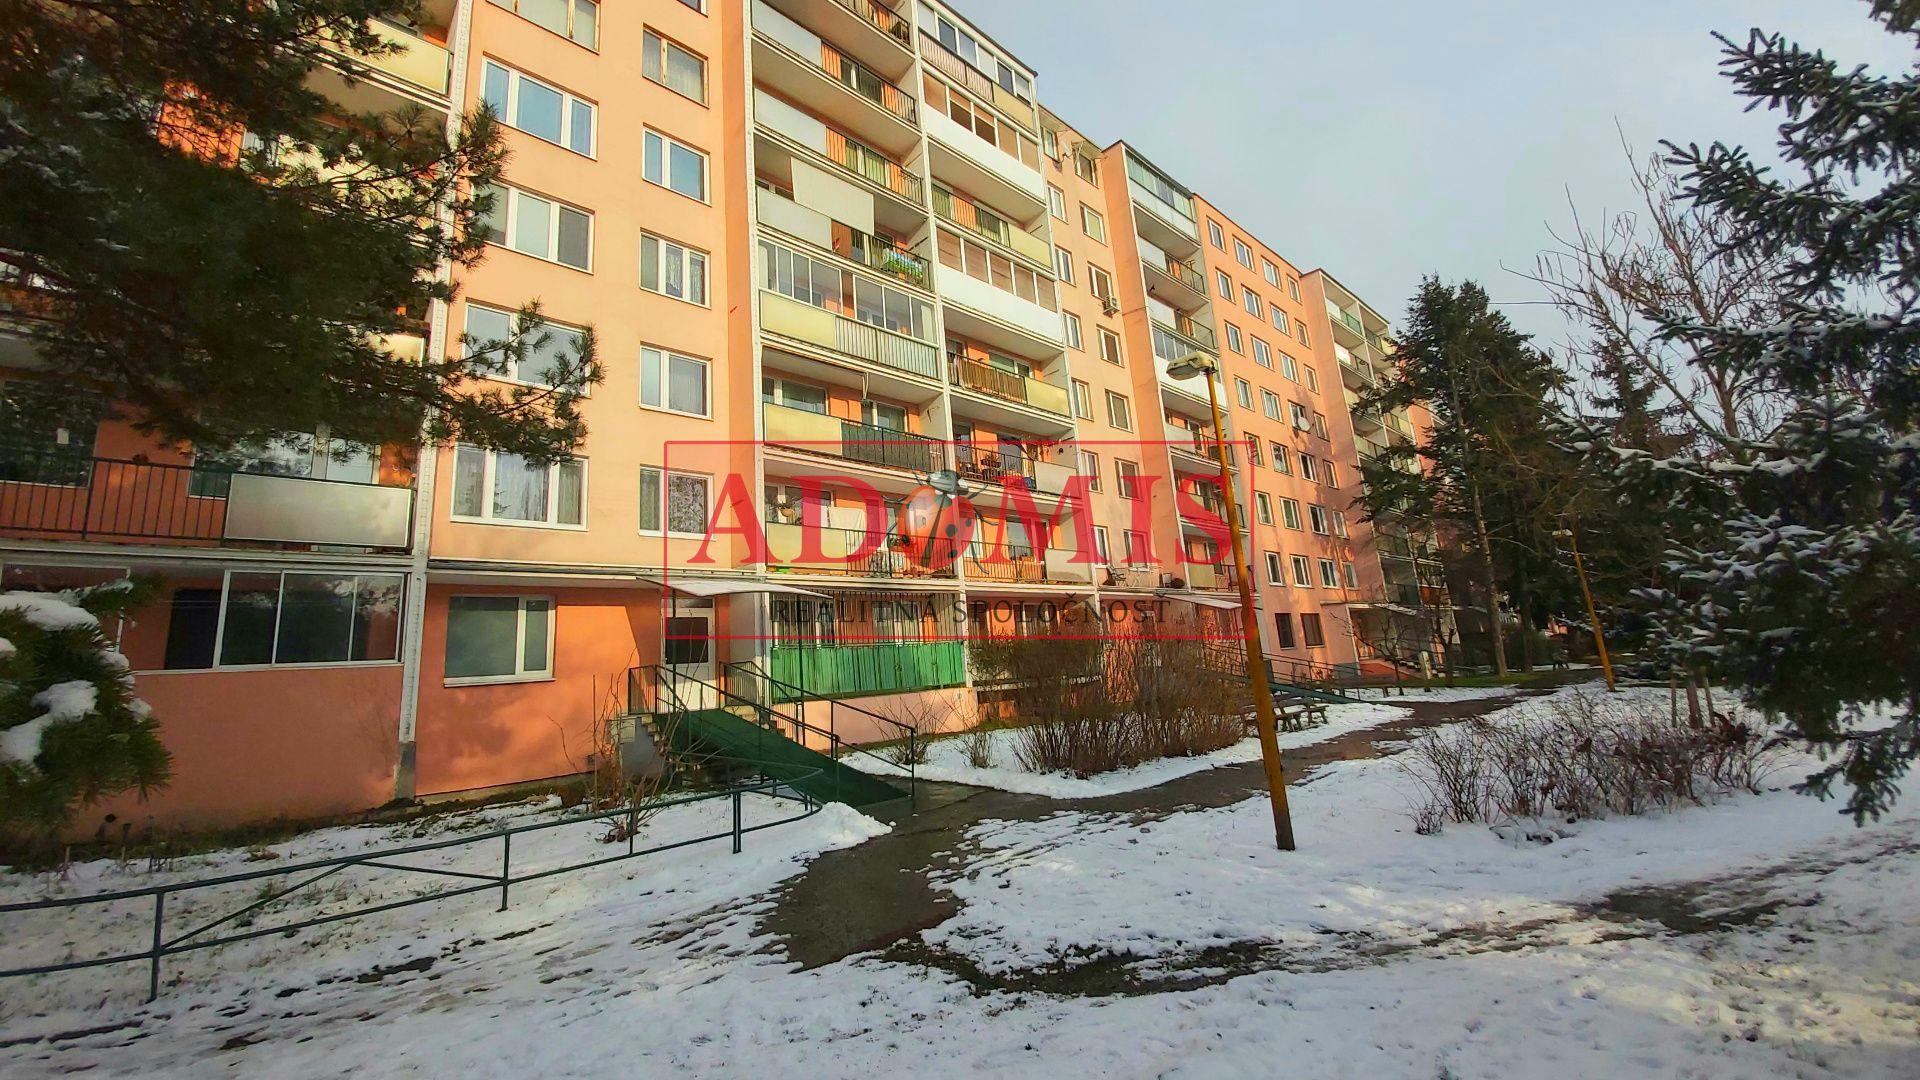 3-izbový byt-Prenájom-Košice - mestská časť Staré Mesto-600 €